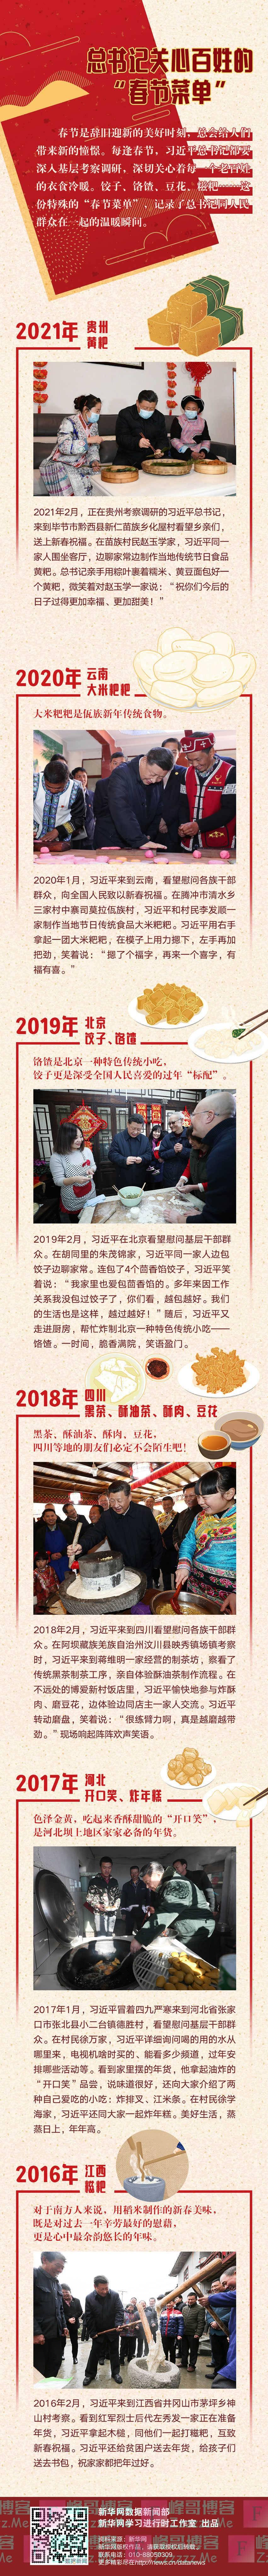 """总书记关心百姓的""""春节菜单"""""""